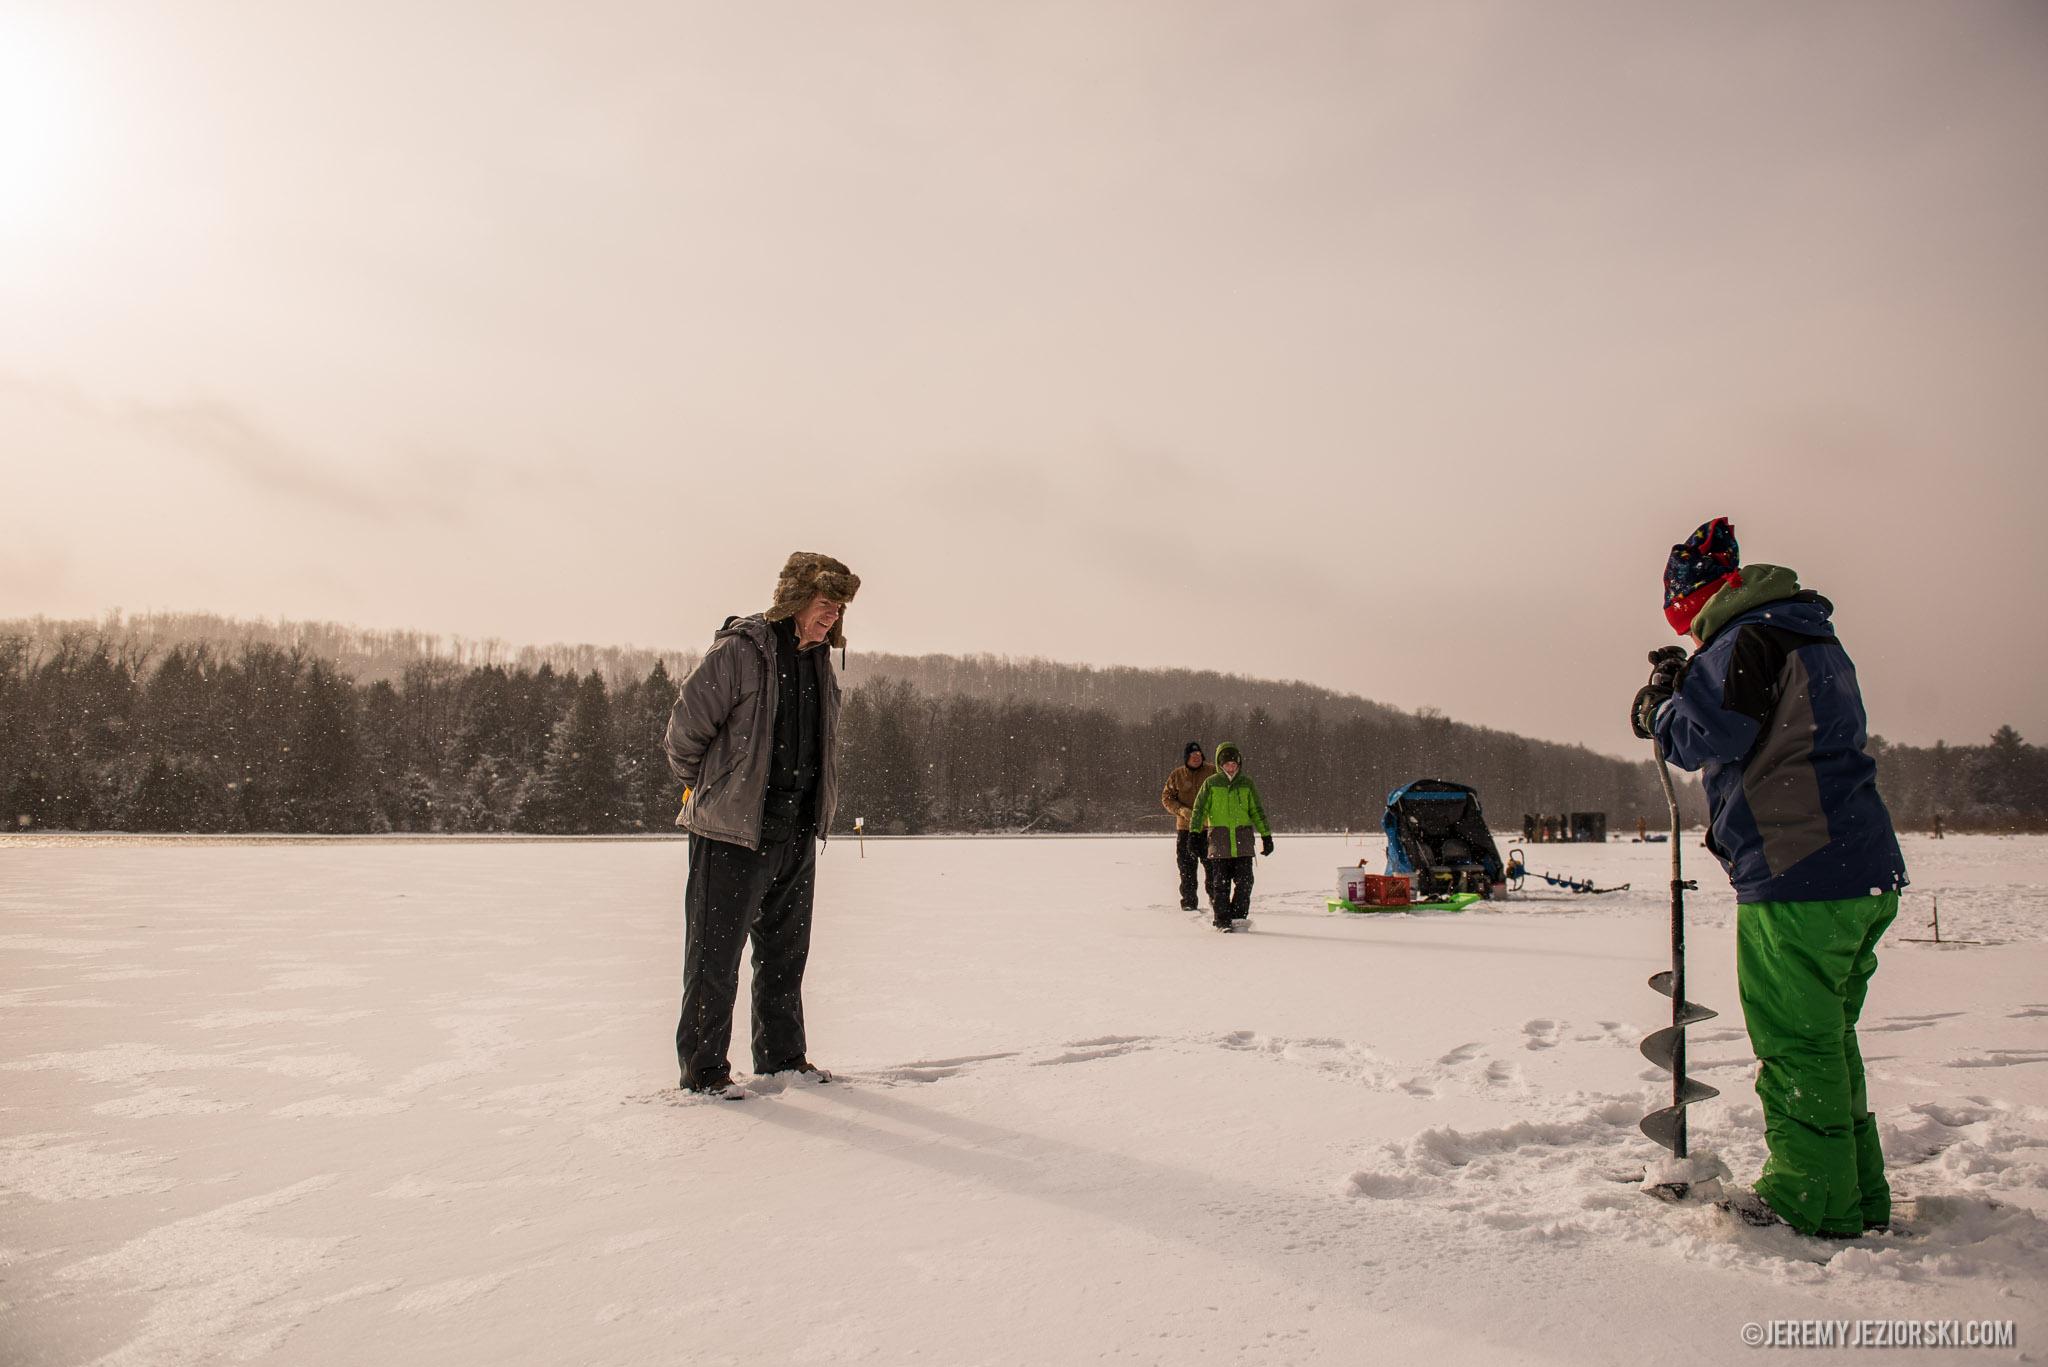 warren-county-winterfest-2014-photographer-jeremy-jeziorski-6582.jpg